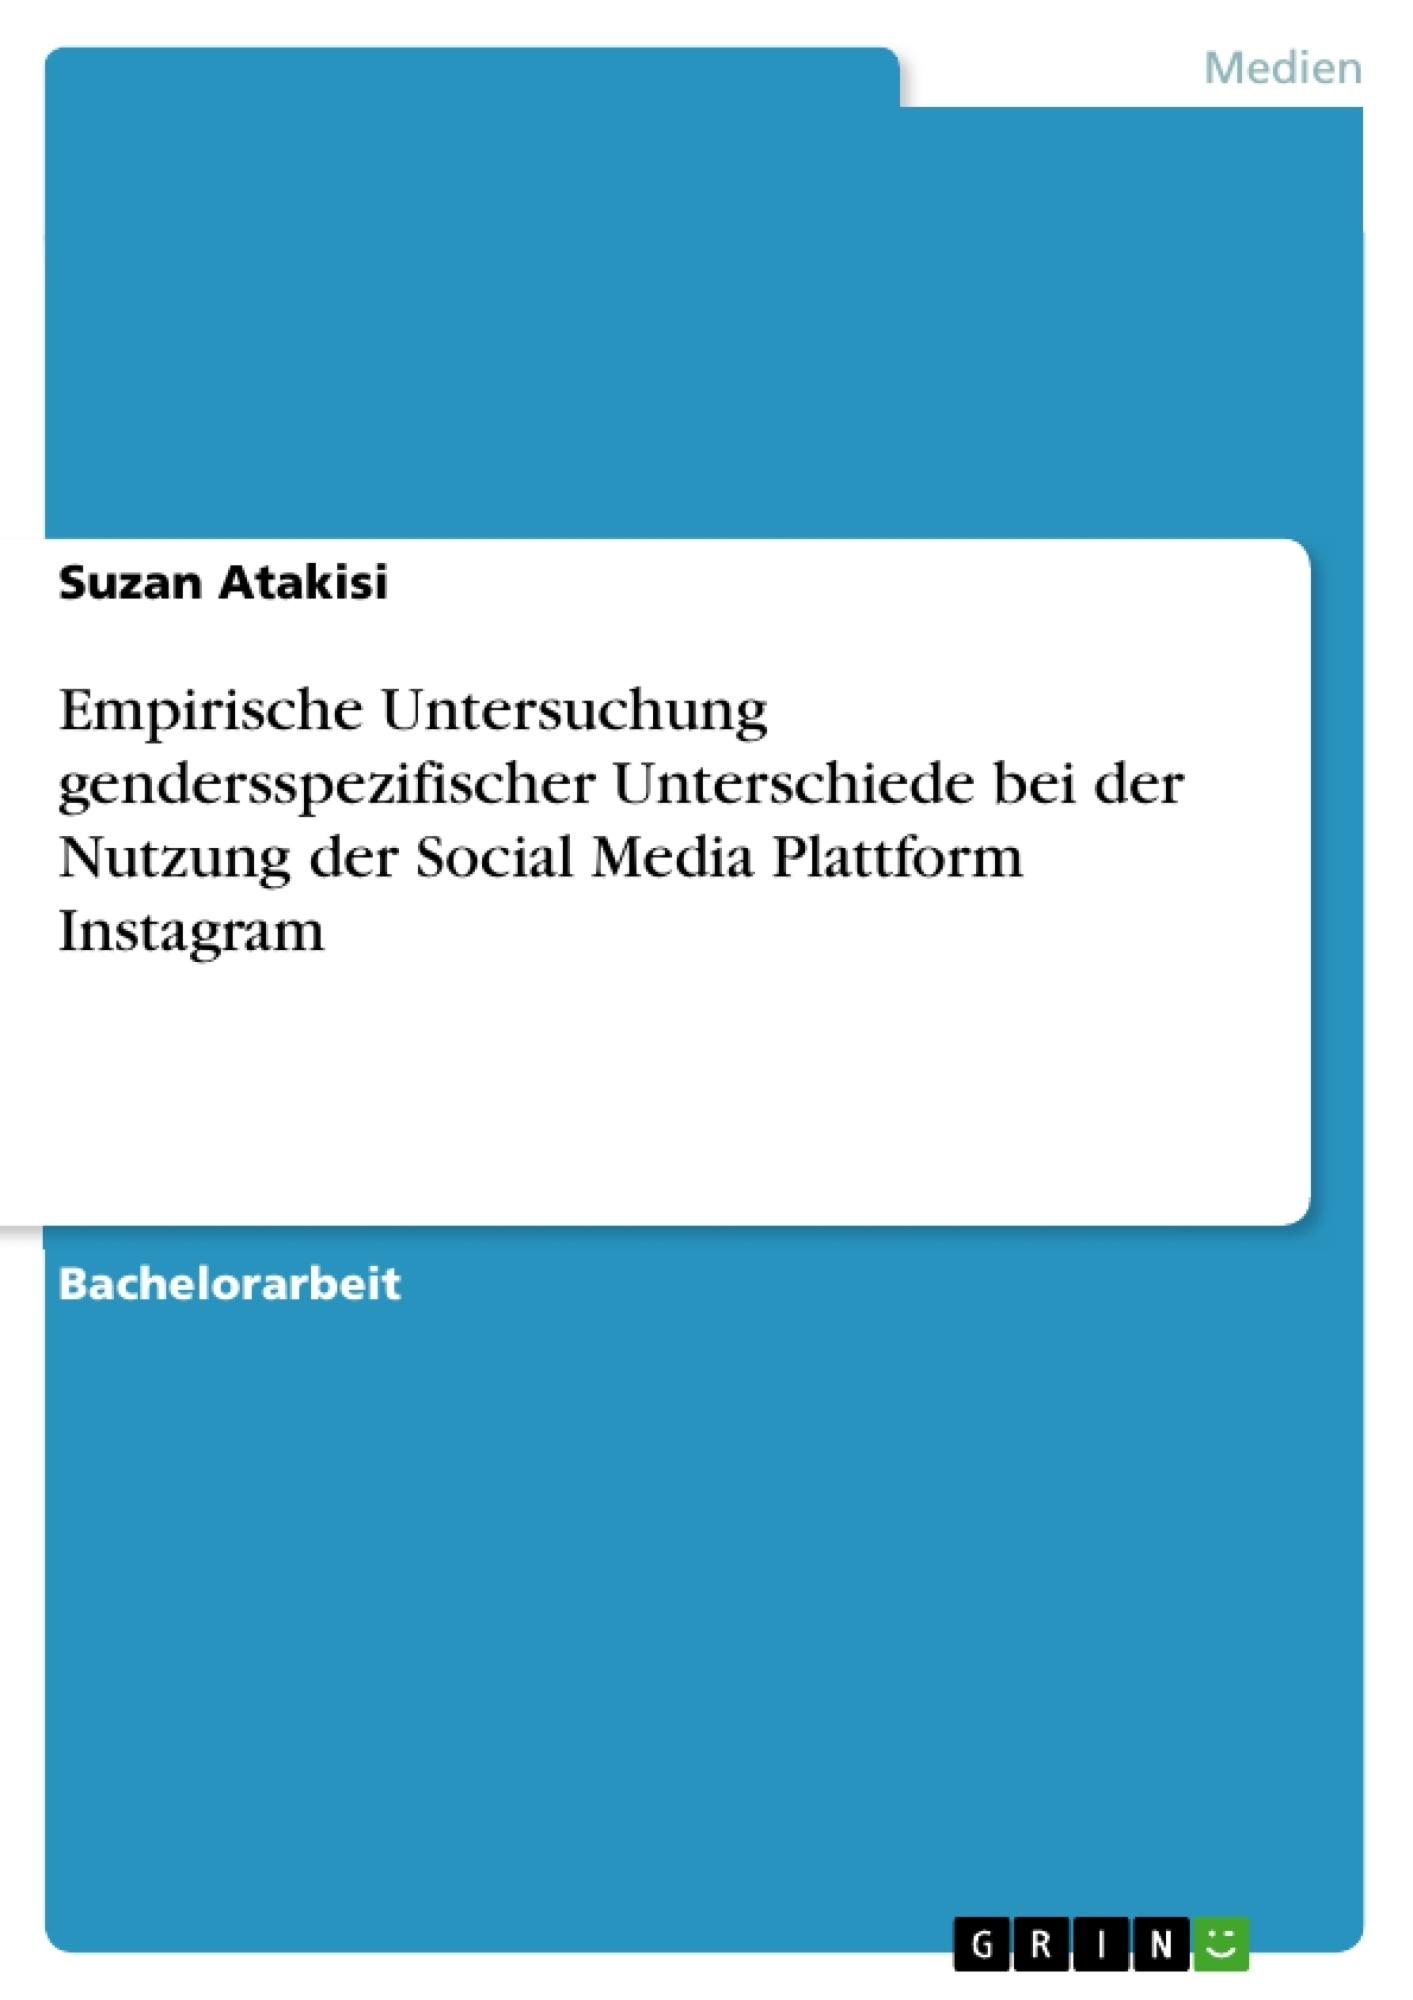 Titel: Empirische Untersuchung gendersspezifischer Unterschiede bei der Nutzung der Social Media Plattform Instagram